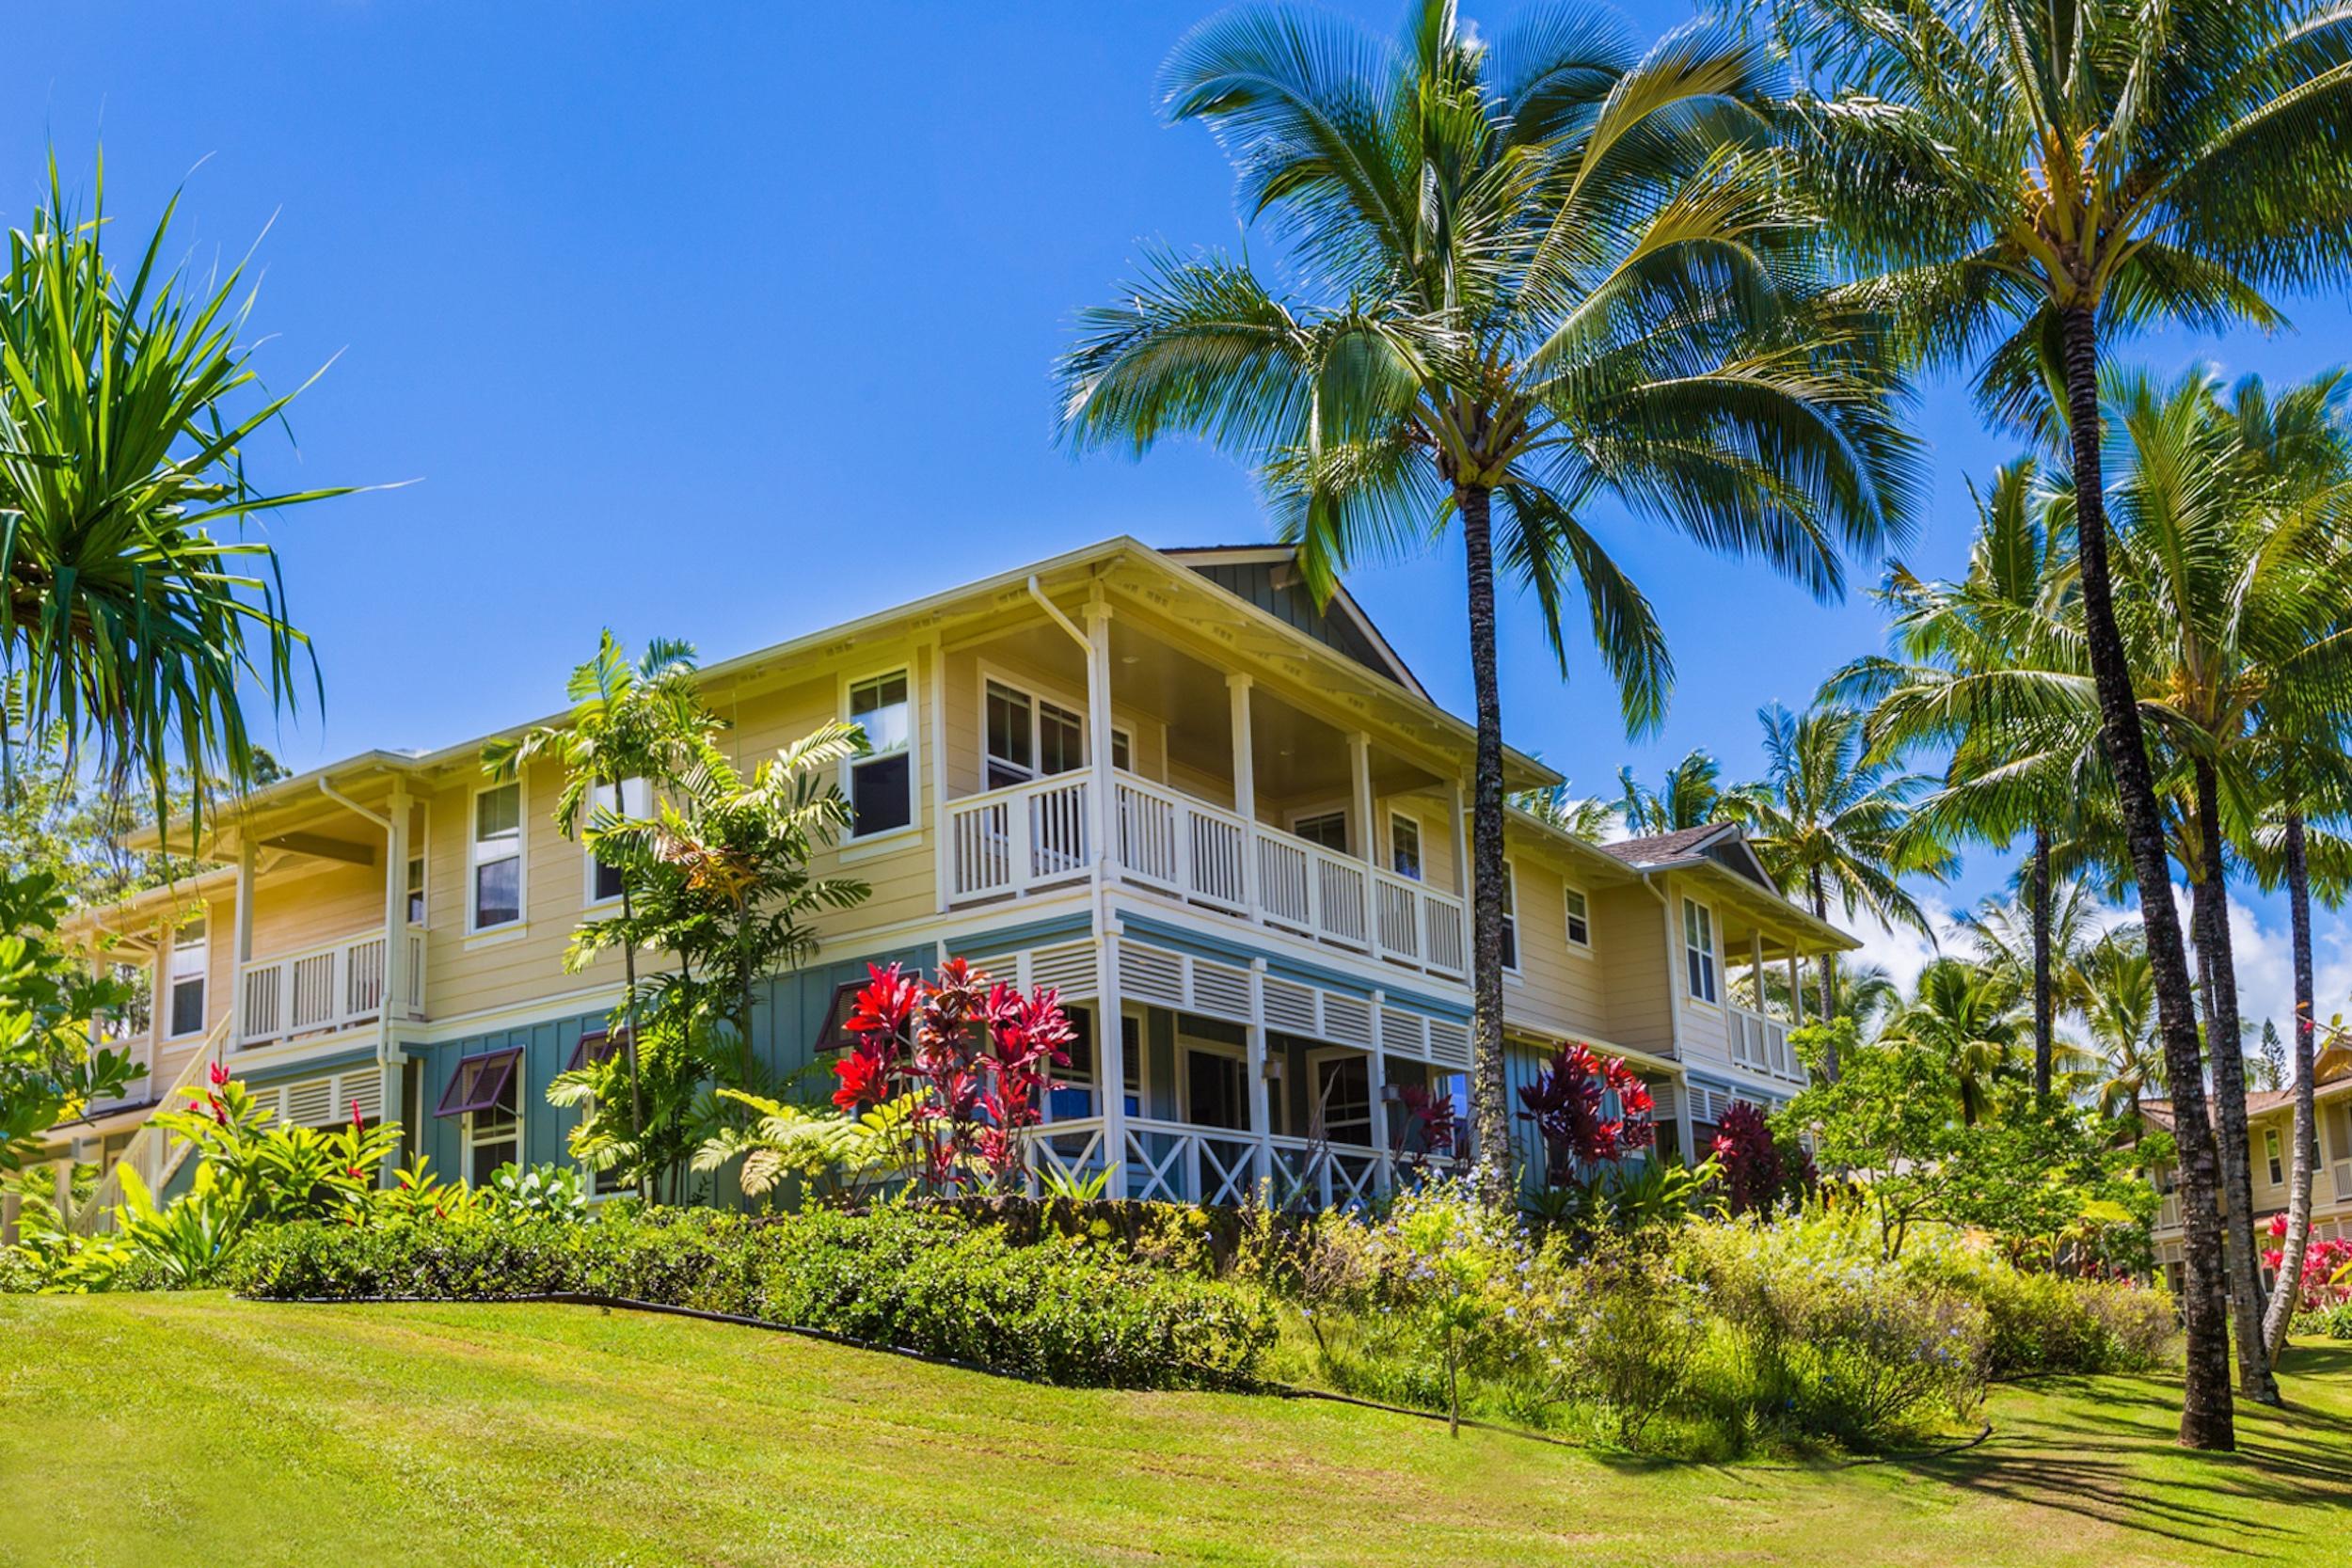 Eigentumswohnung für Verkauf beim North Shore beautifully furnished ground floor unit 4919 Pepelani Loop Nihilani #26B Princeville, Hawaii, 96722 Vereinigte Staaten